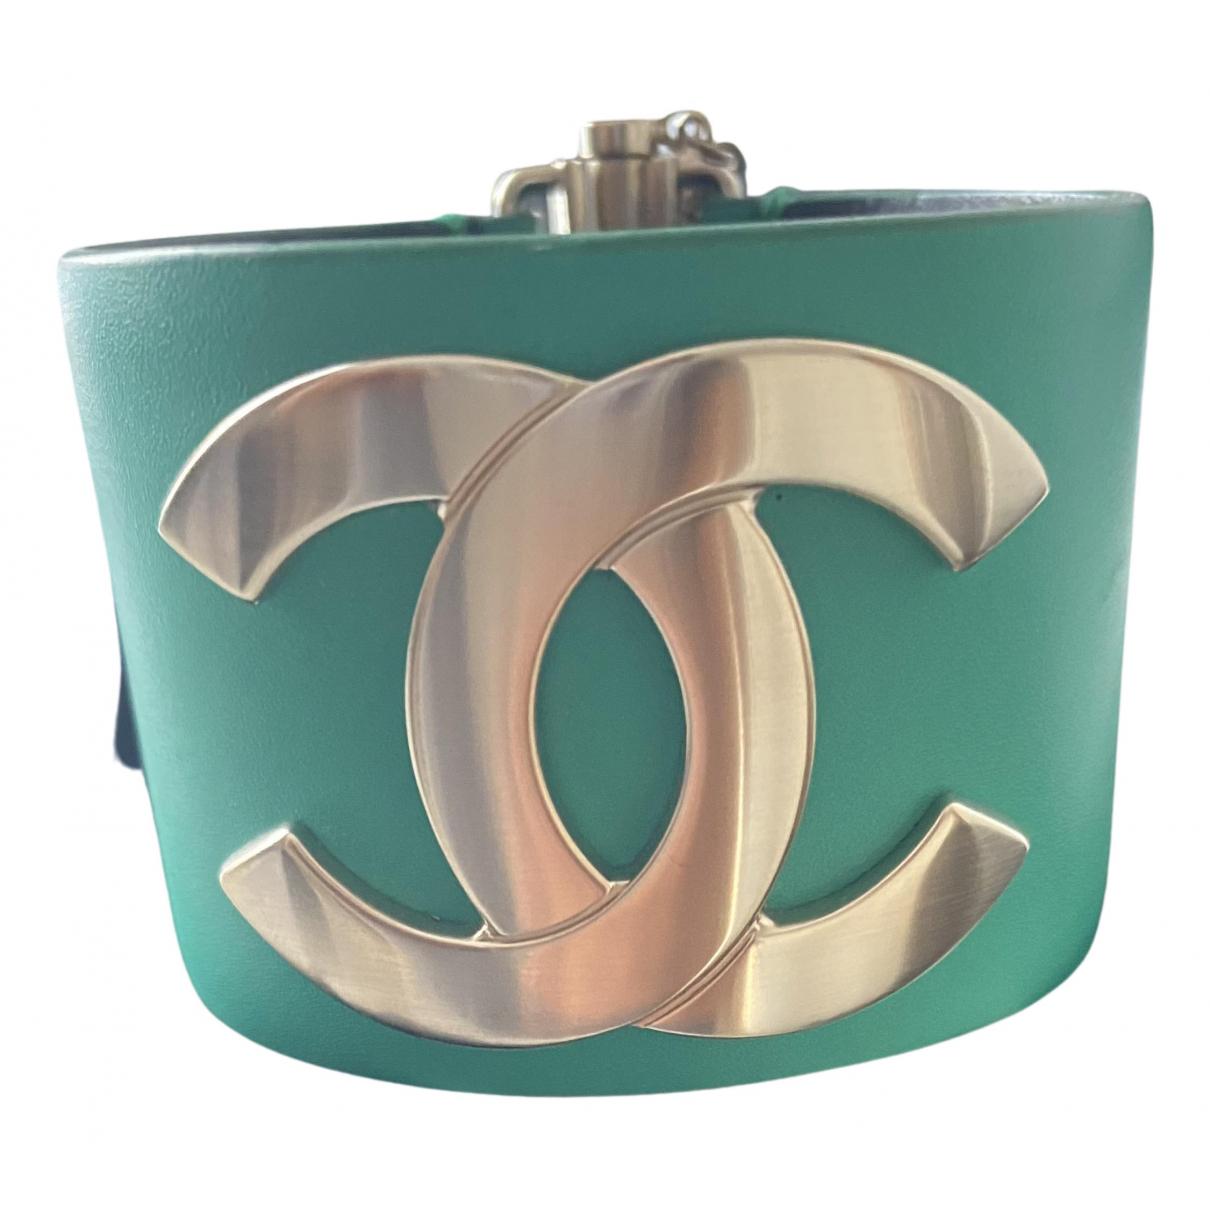 Pulsera CC de Cuero Chanel